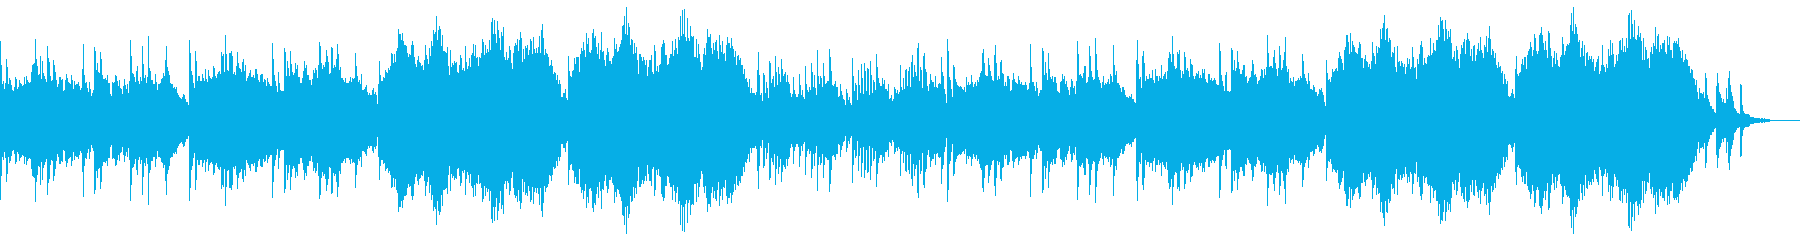 静かに盛り上げる感動的なシネマティクシンの再生済みの波形